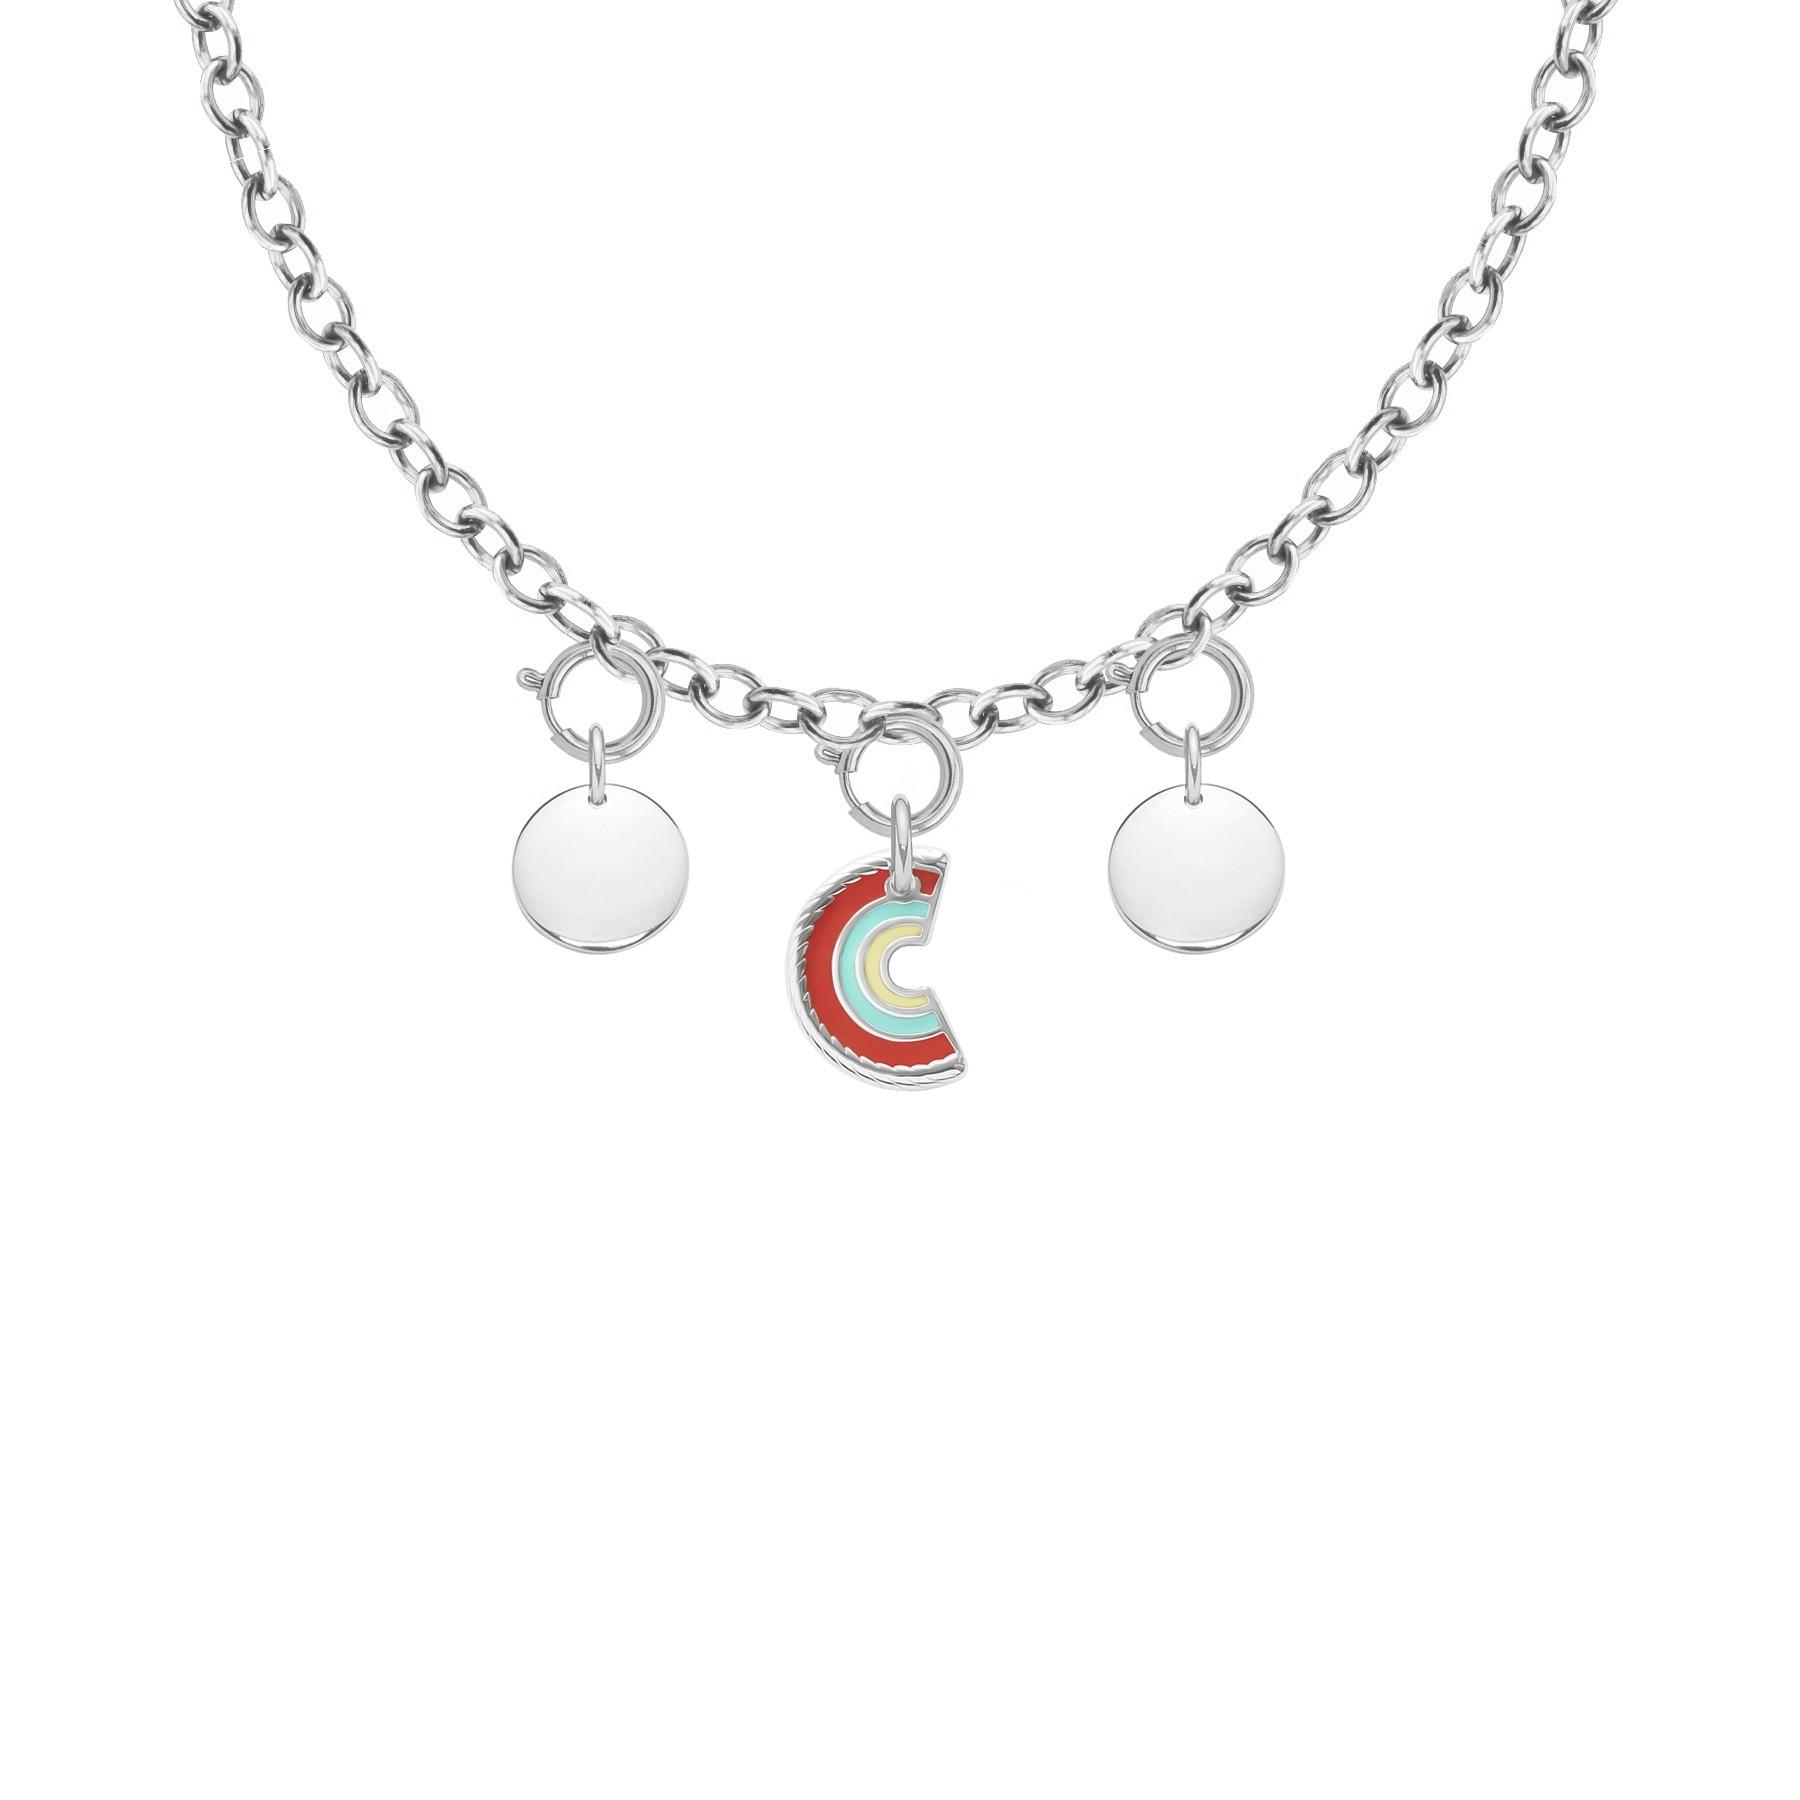 Collier Chaîne No.1 avec pendentif Rainbow et médaillon, plaqué argent